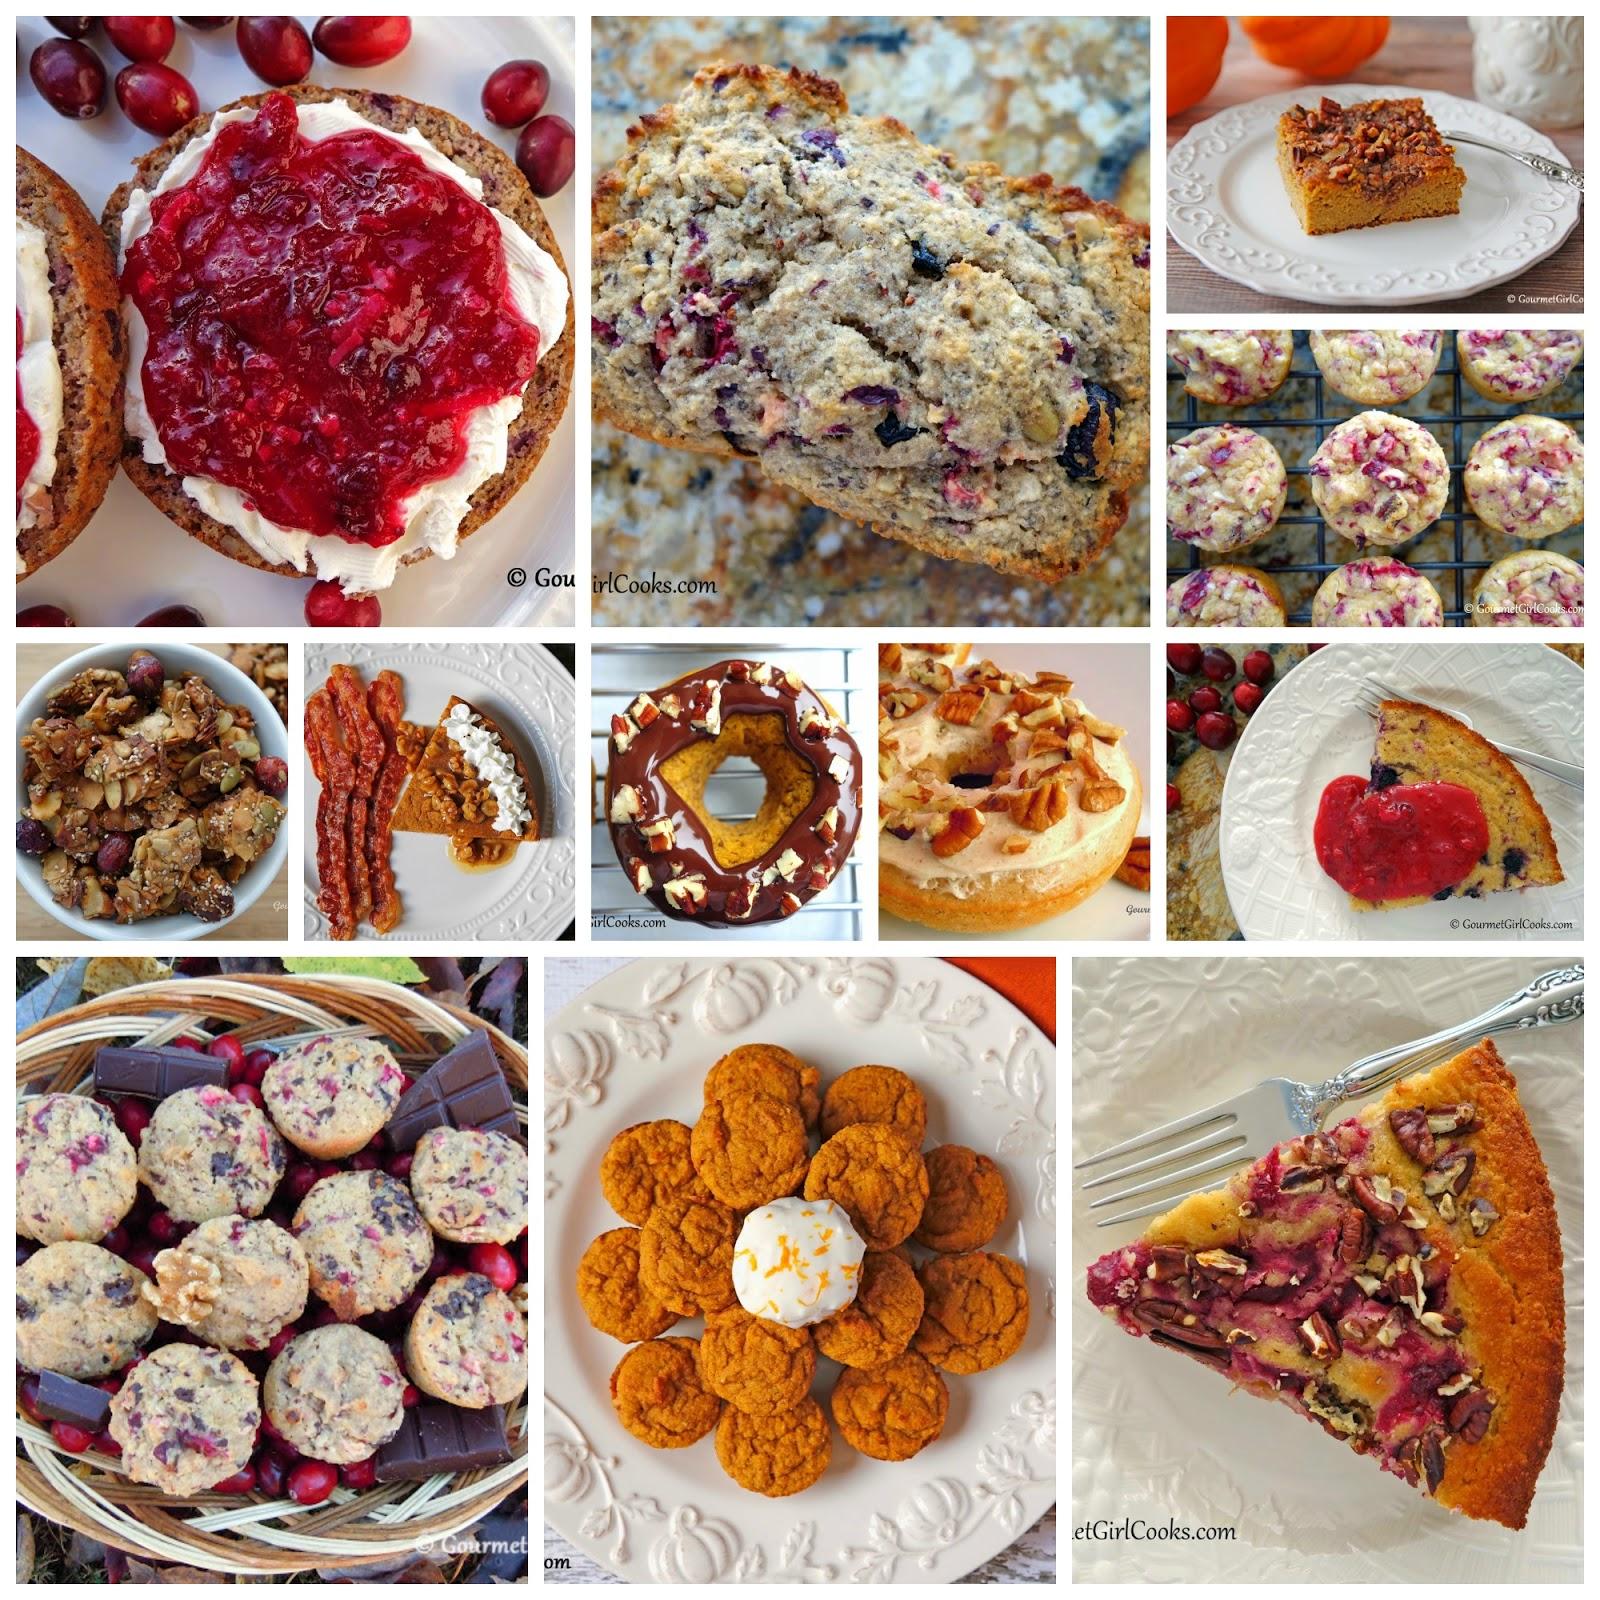 Gourmet Girl Cooks: 12 Thanksgiving Breakfast Recipes